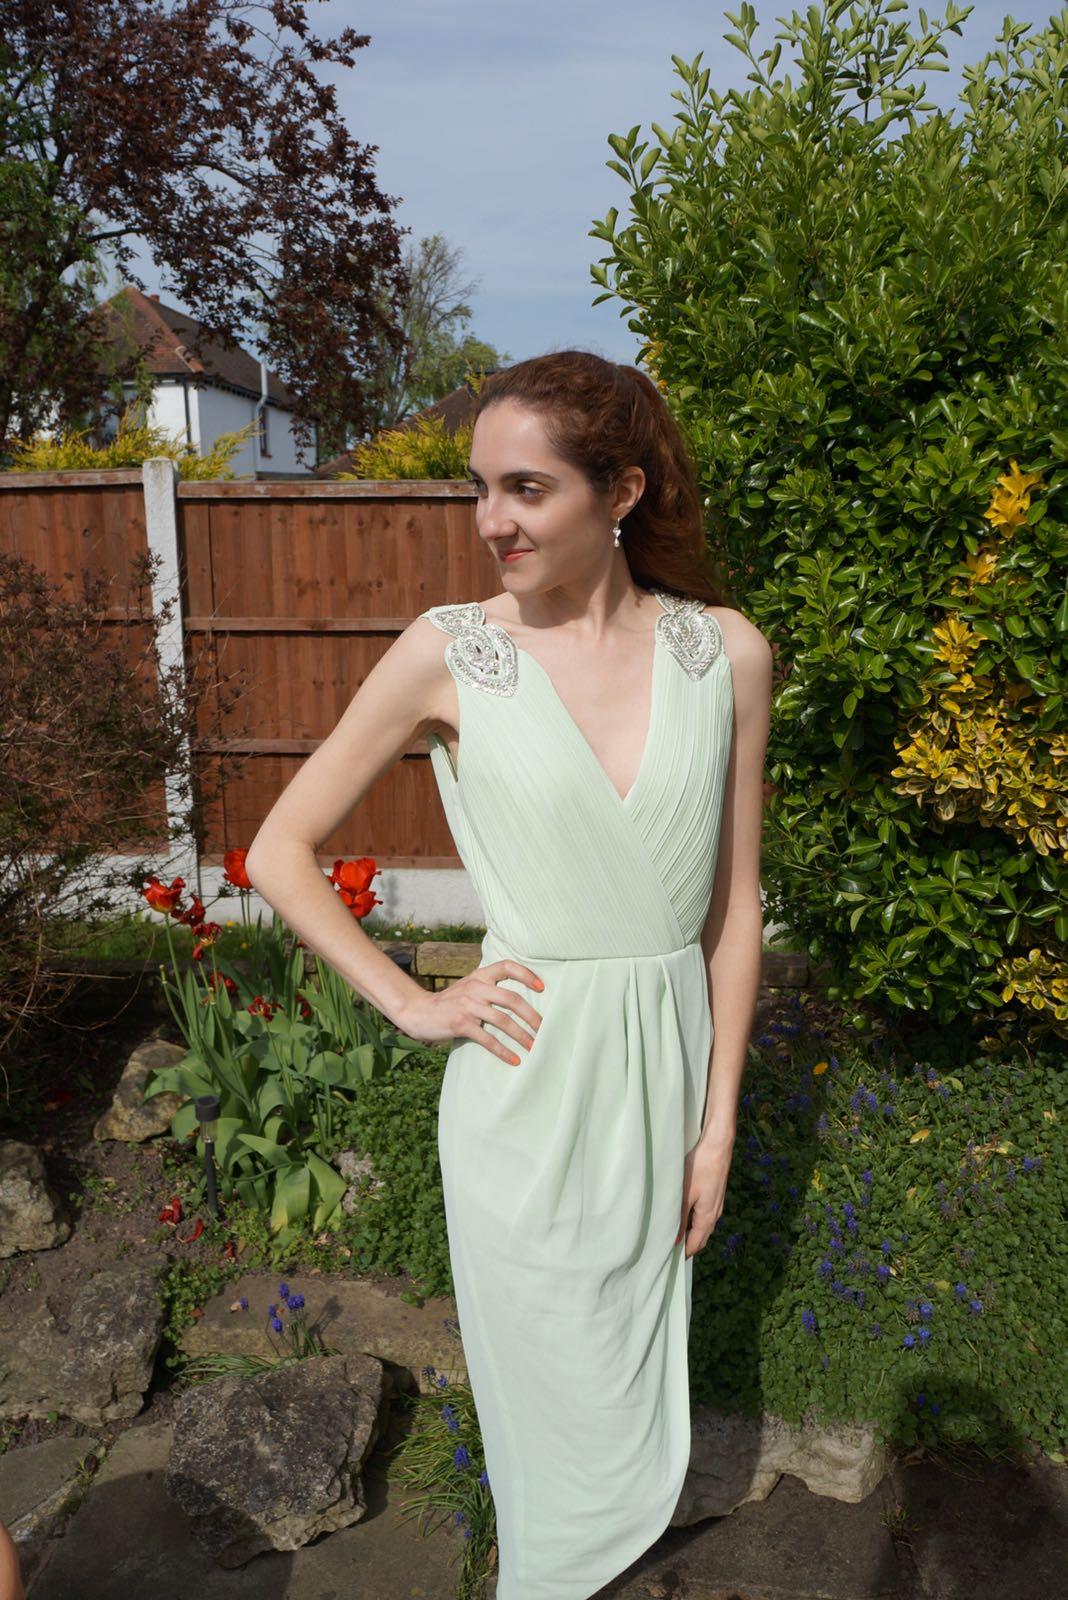 outside wearing mint dress